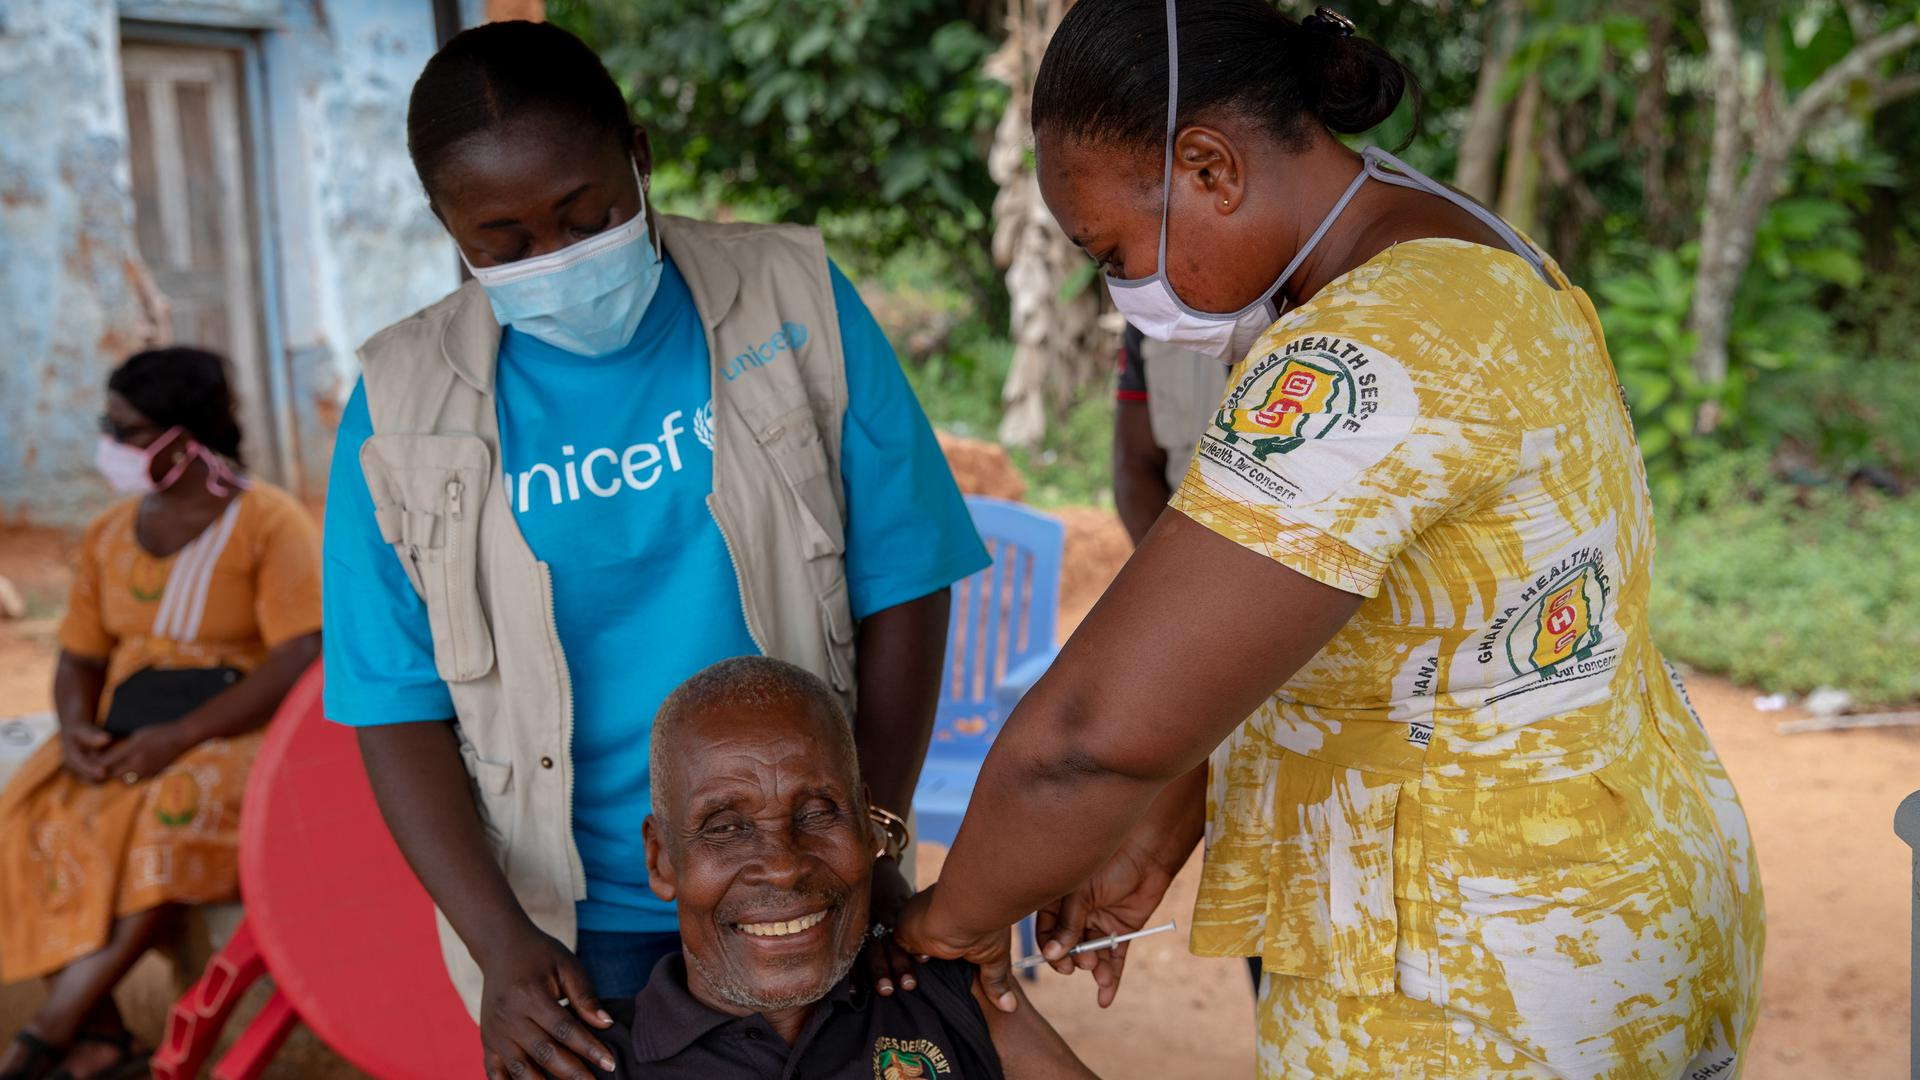 Noch große Lücken in der globalen Kampagne: Wer sich wie dieser Landwirt in Ghana gegen das Coronavirus impfen lassen kann, zählt heute insbesondere auf dem afrikanischen Kontinent zu den wenigen Glücklichen. Hier beträgt die Impfquote nur drei Prozent.